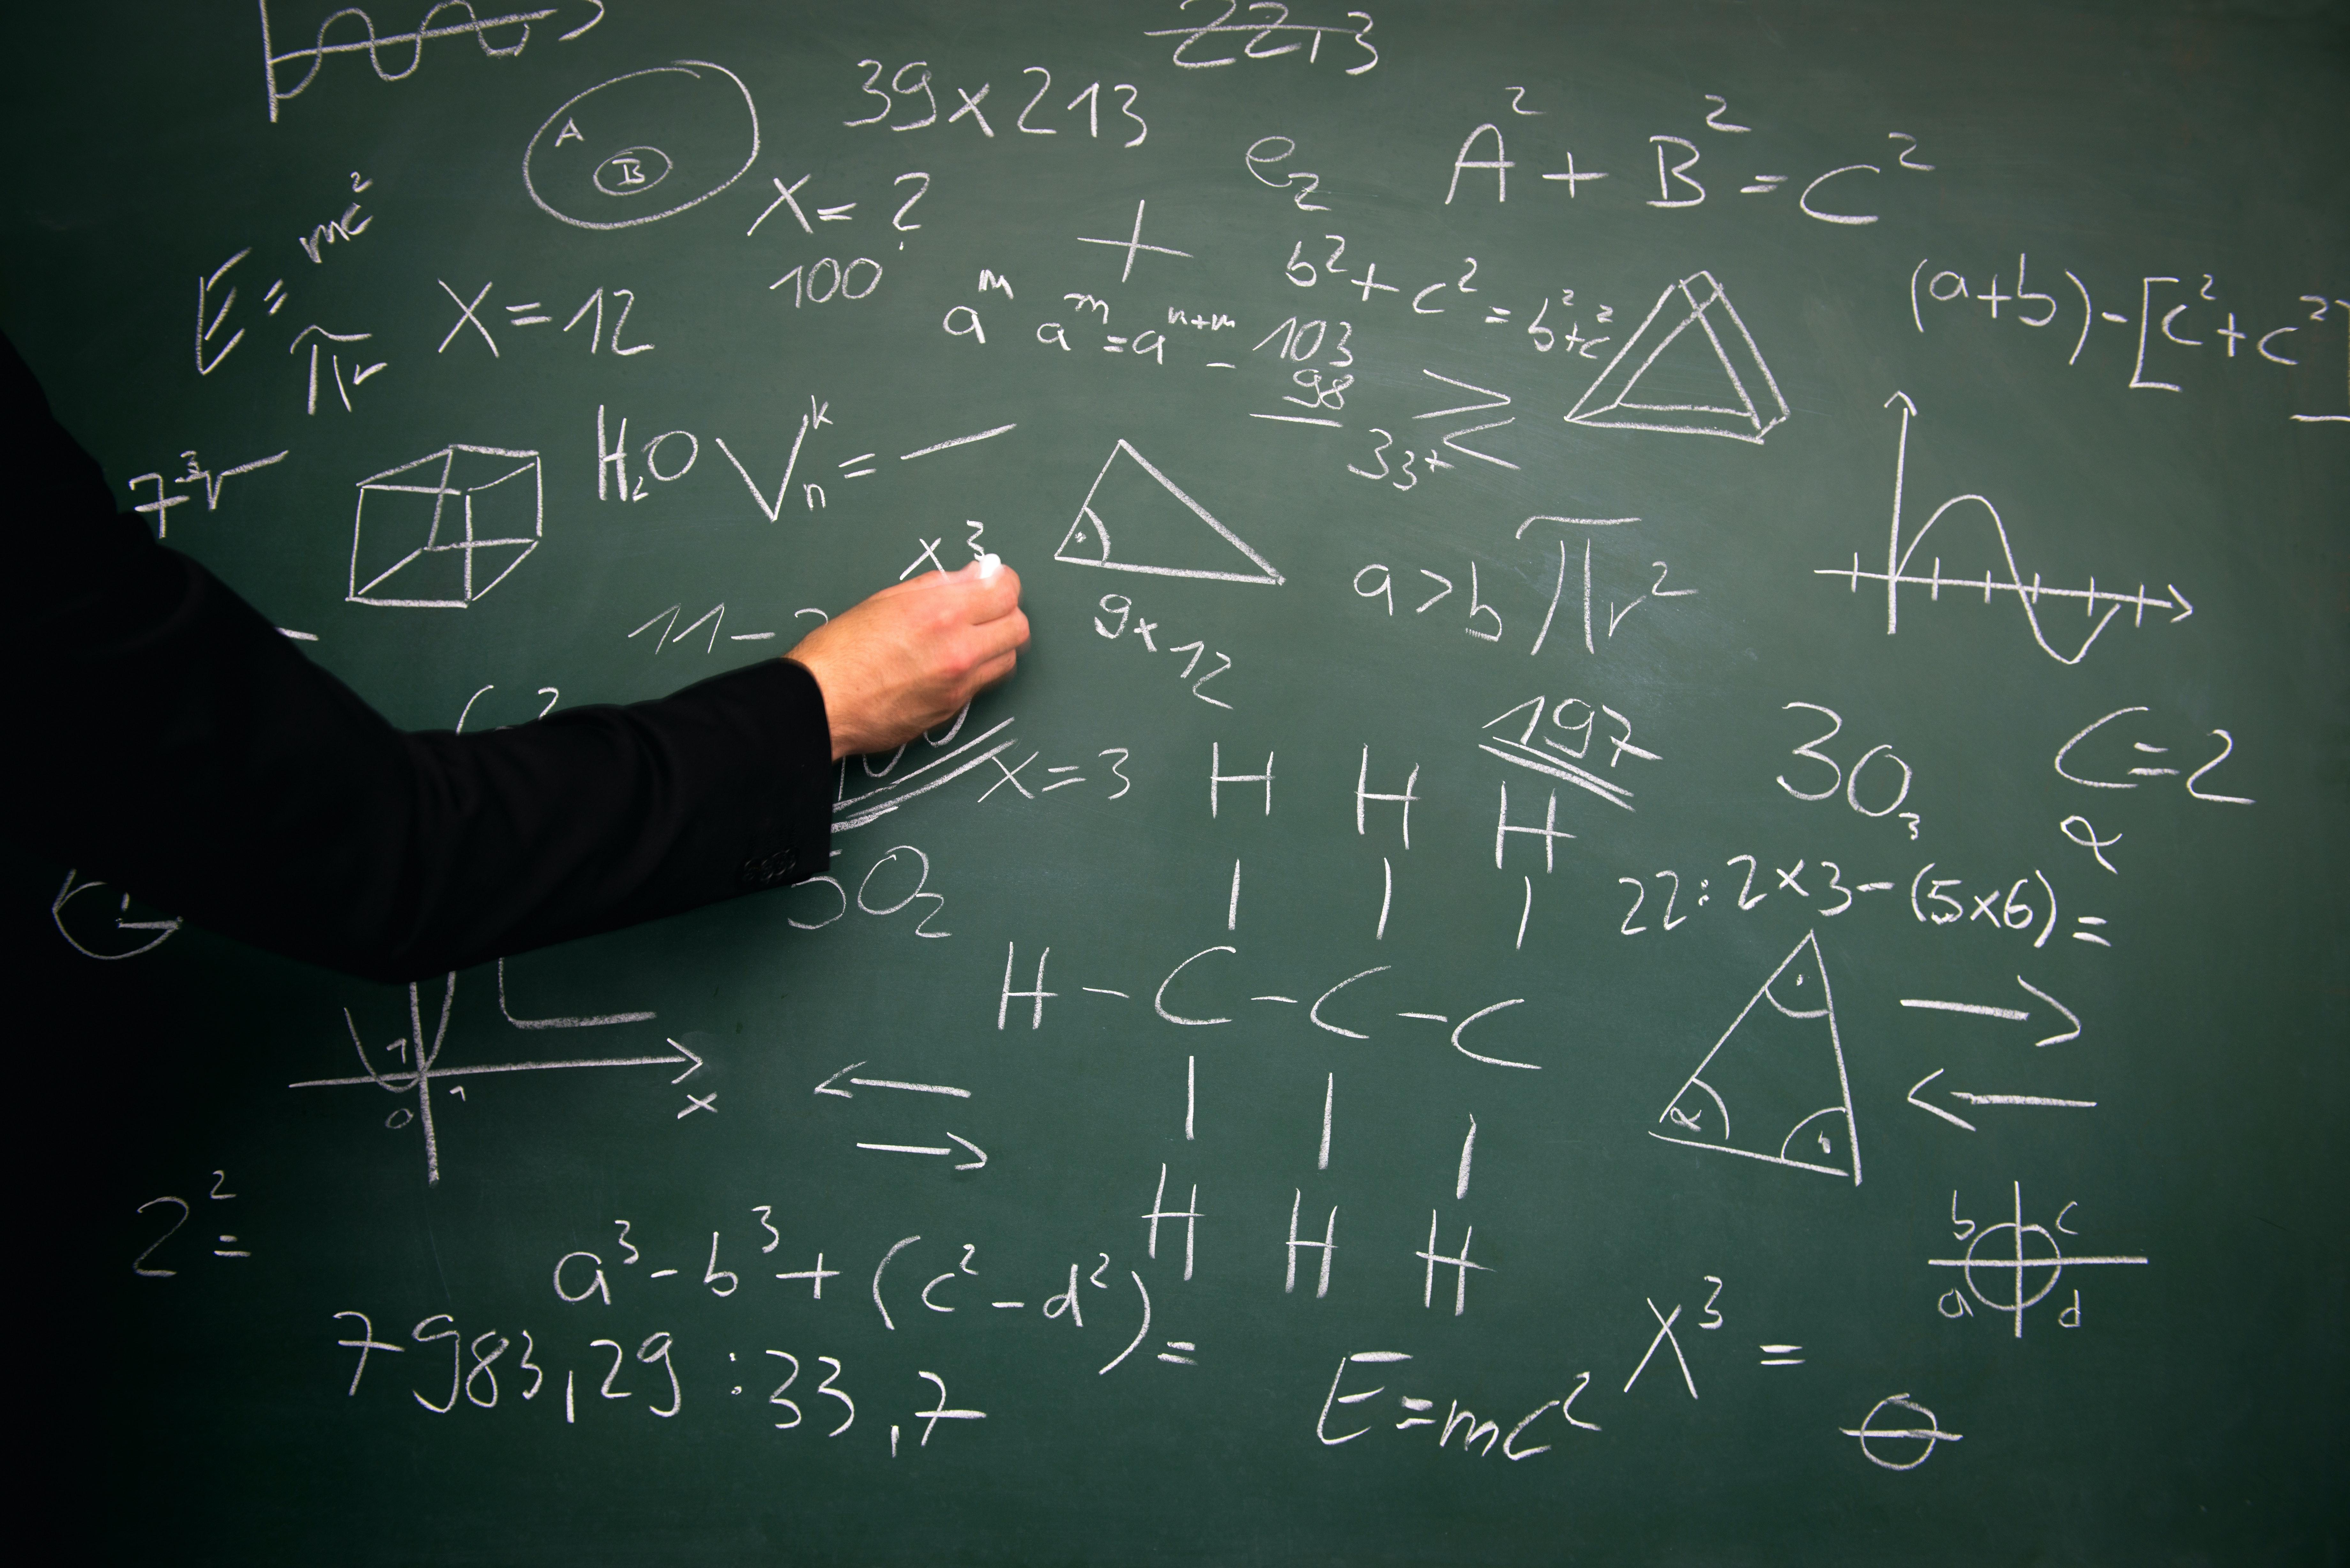 Tafel berechnung symbolbild lehrdeputat lehrverpflichtung.ee99197b64b14835dc6b2eff66e2bfb74